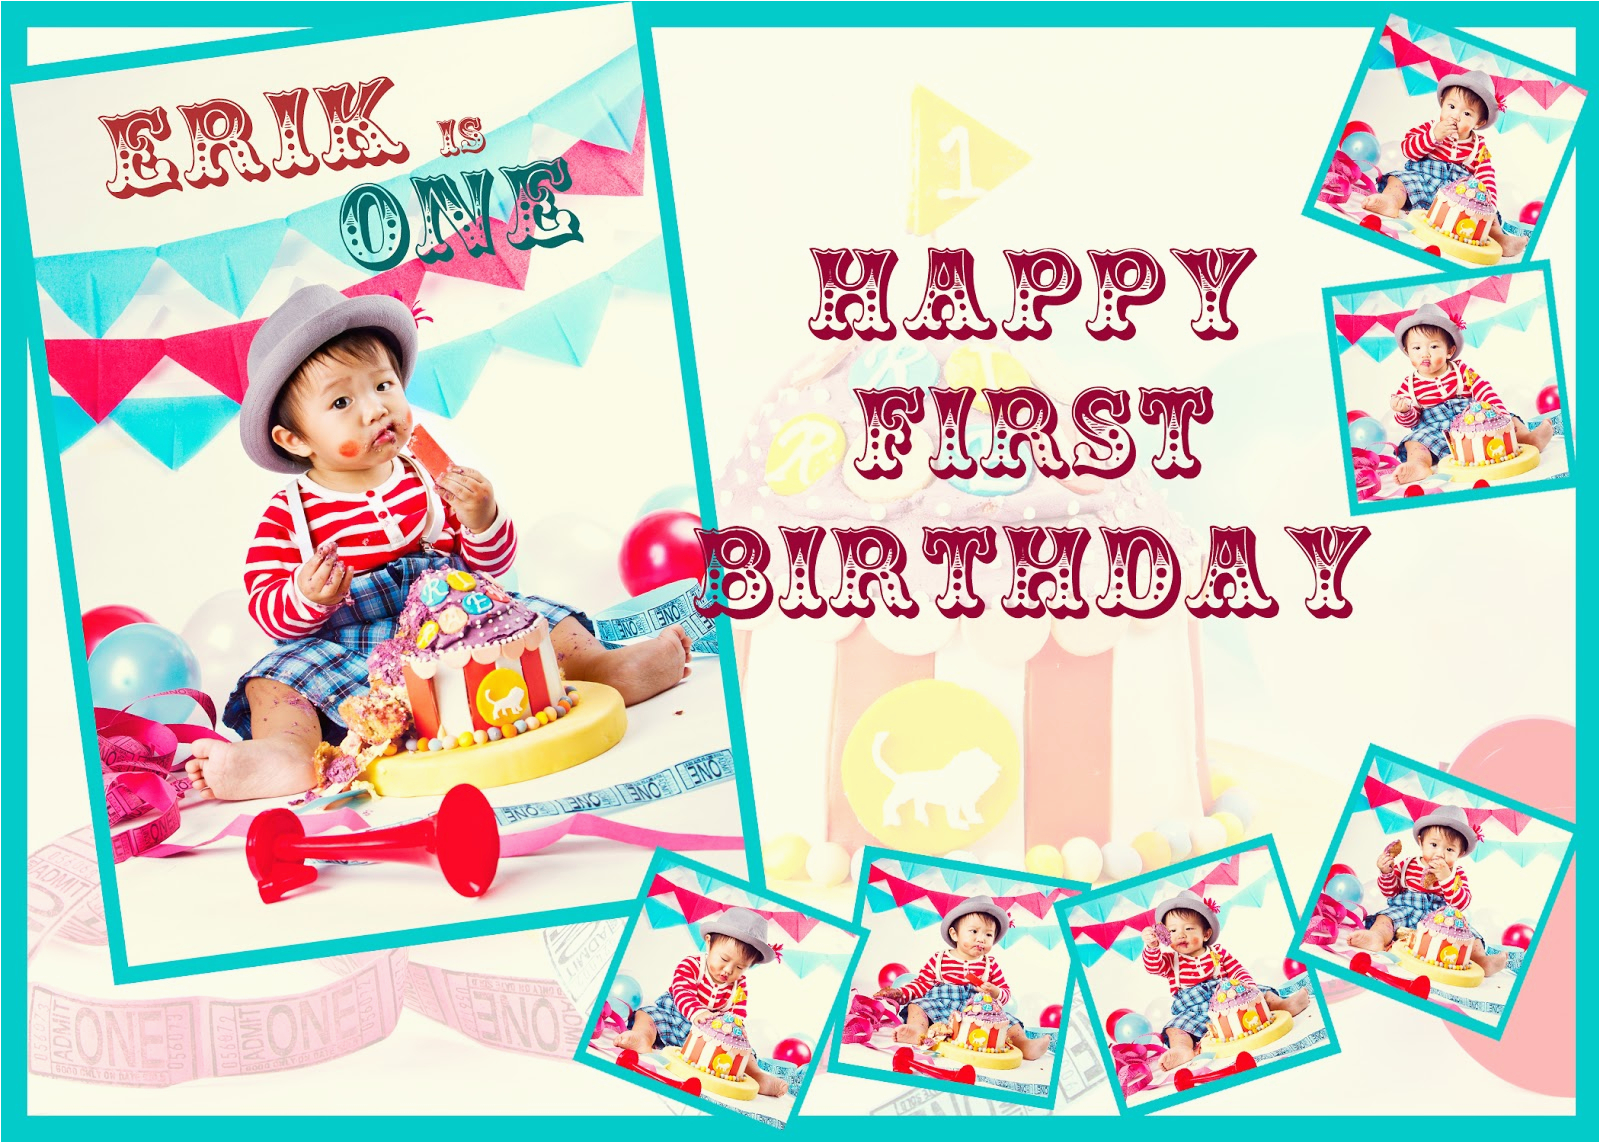 happy 1st birthday boy quotes